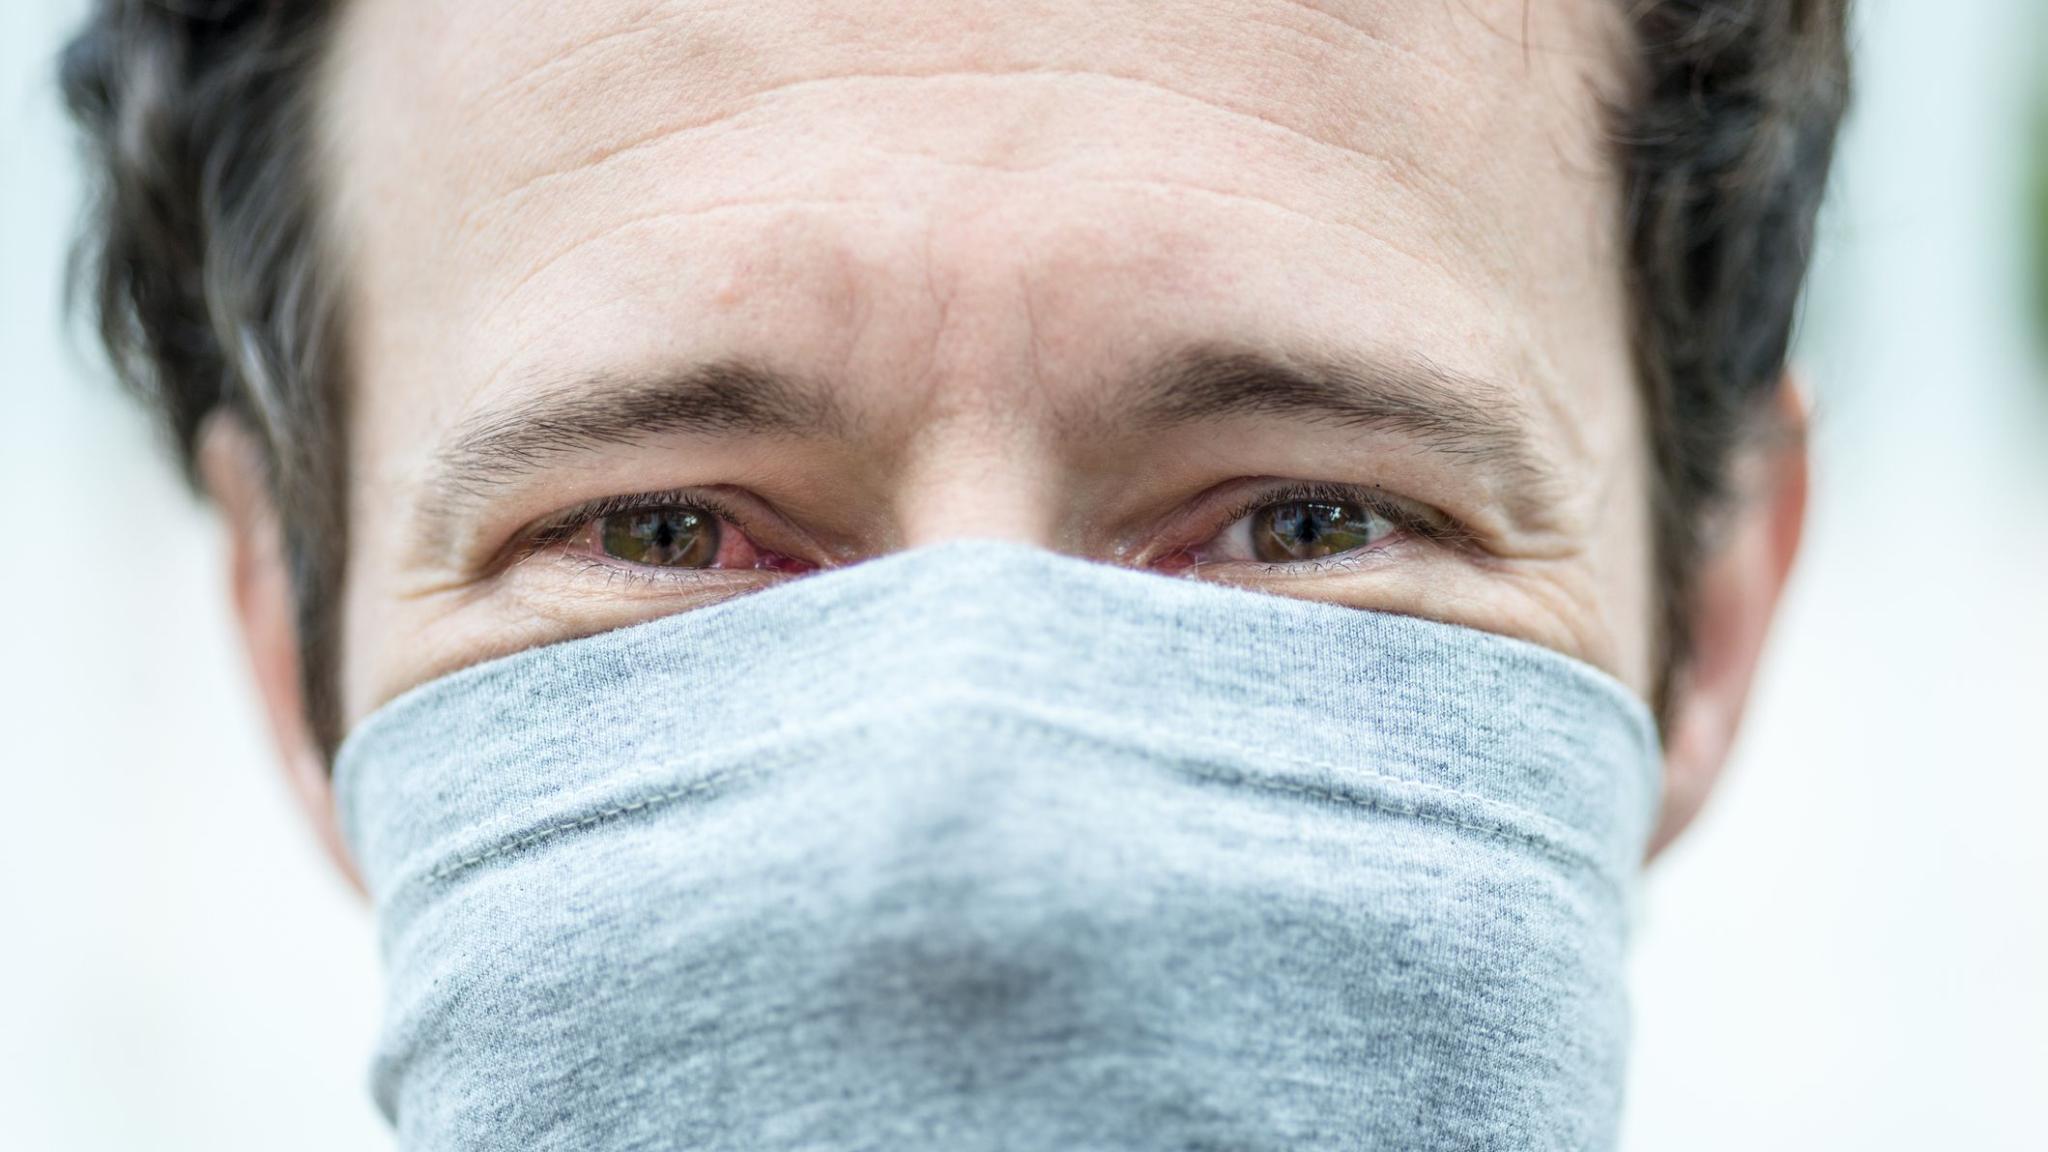 Медики определили основные «глазные симптомы» коронавирусной инфекции